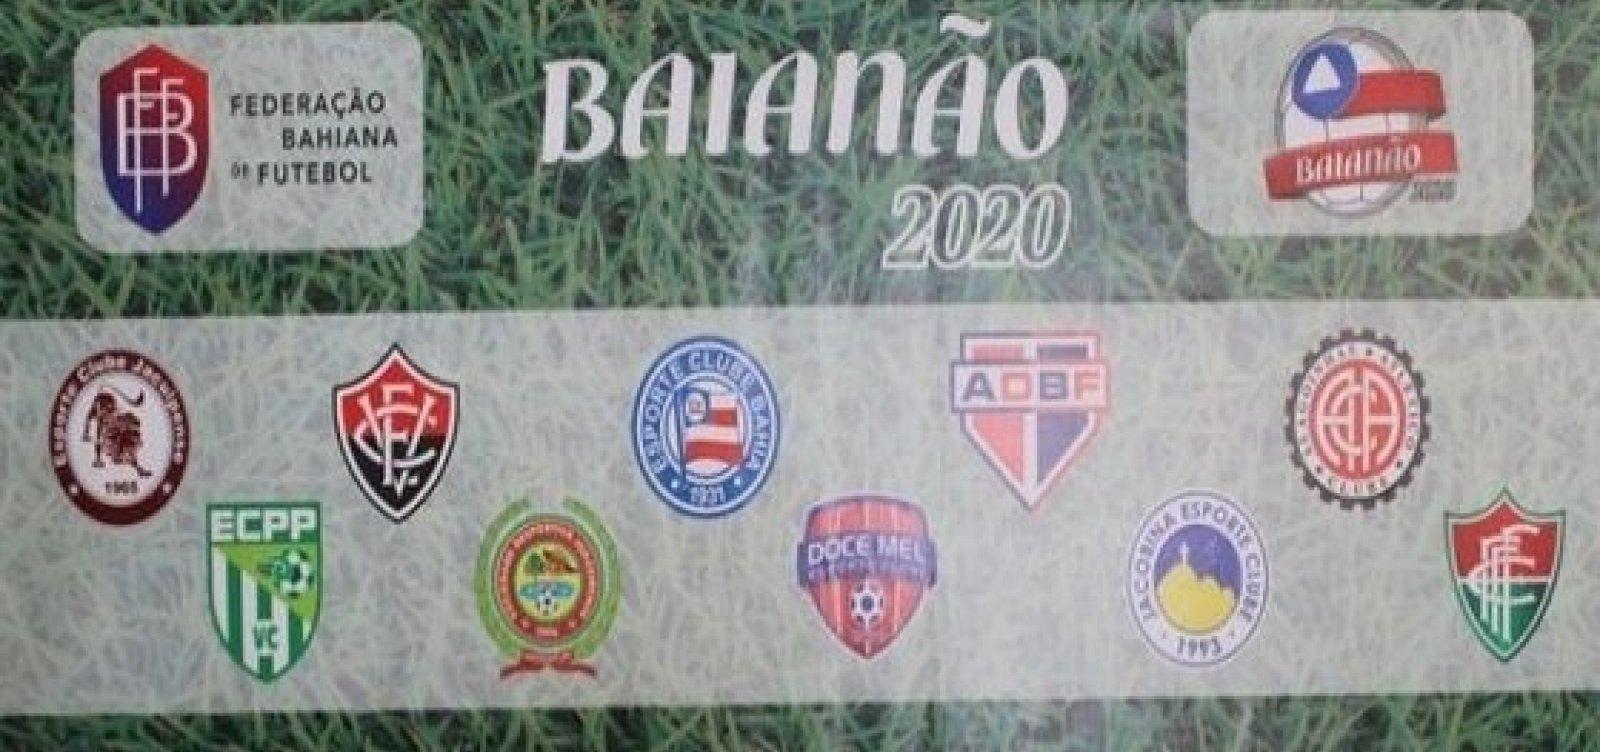 FBF divulga tabela do Baianão 2020; Ba-Vi será 1º de março